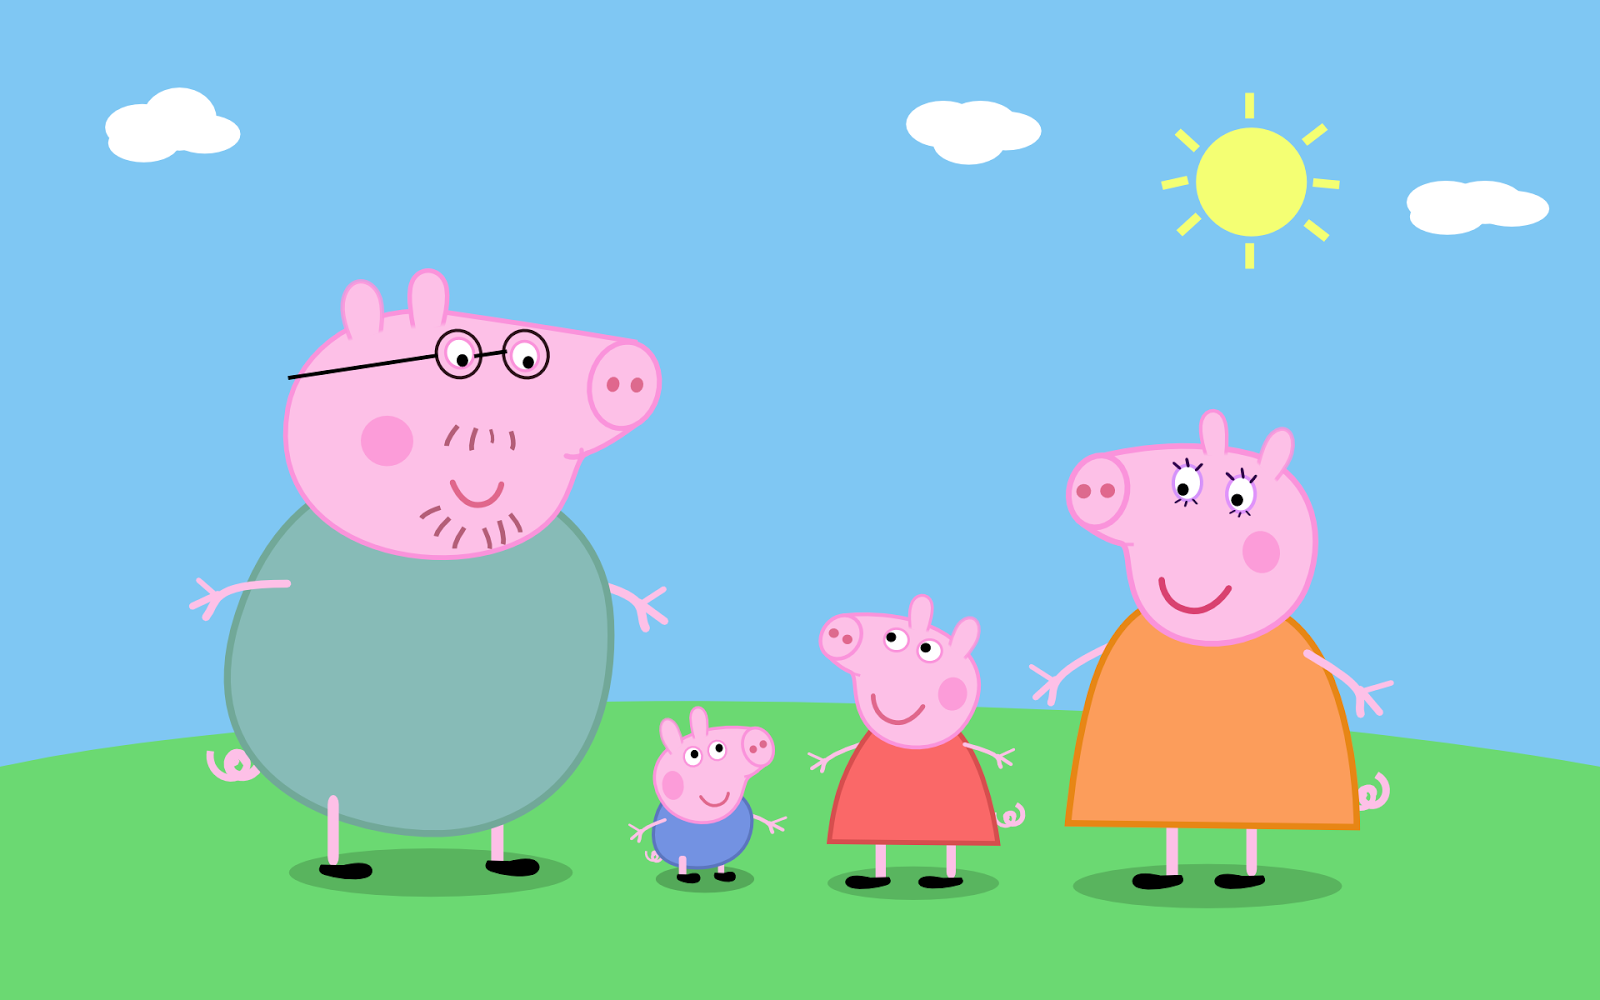 Il blog di Peppa Pig Sfondi Wallpaper di Peppa pig 1600x1000